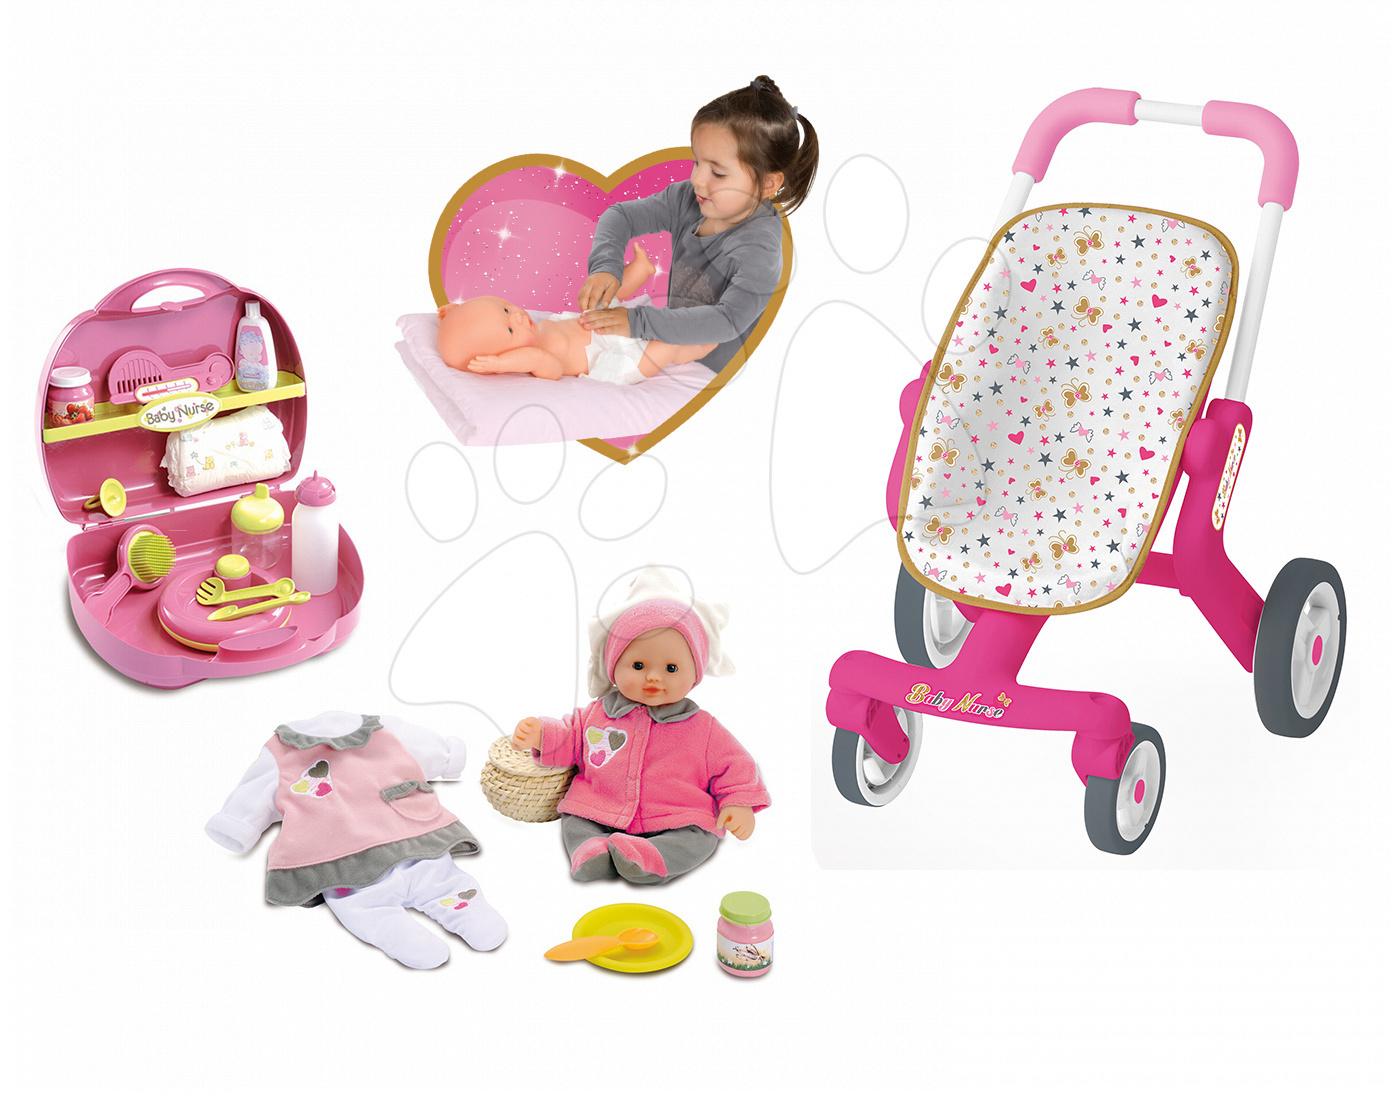 Set panenka Baby Nurse Smoby 32 cm, přebalovací set v kufříku a kočárek pro panenku (53,5 cm ručka) od 2 let